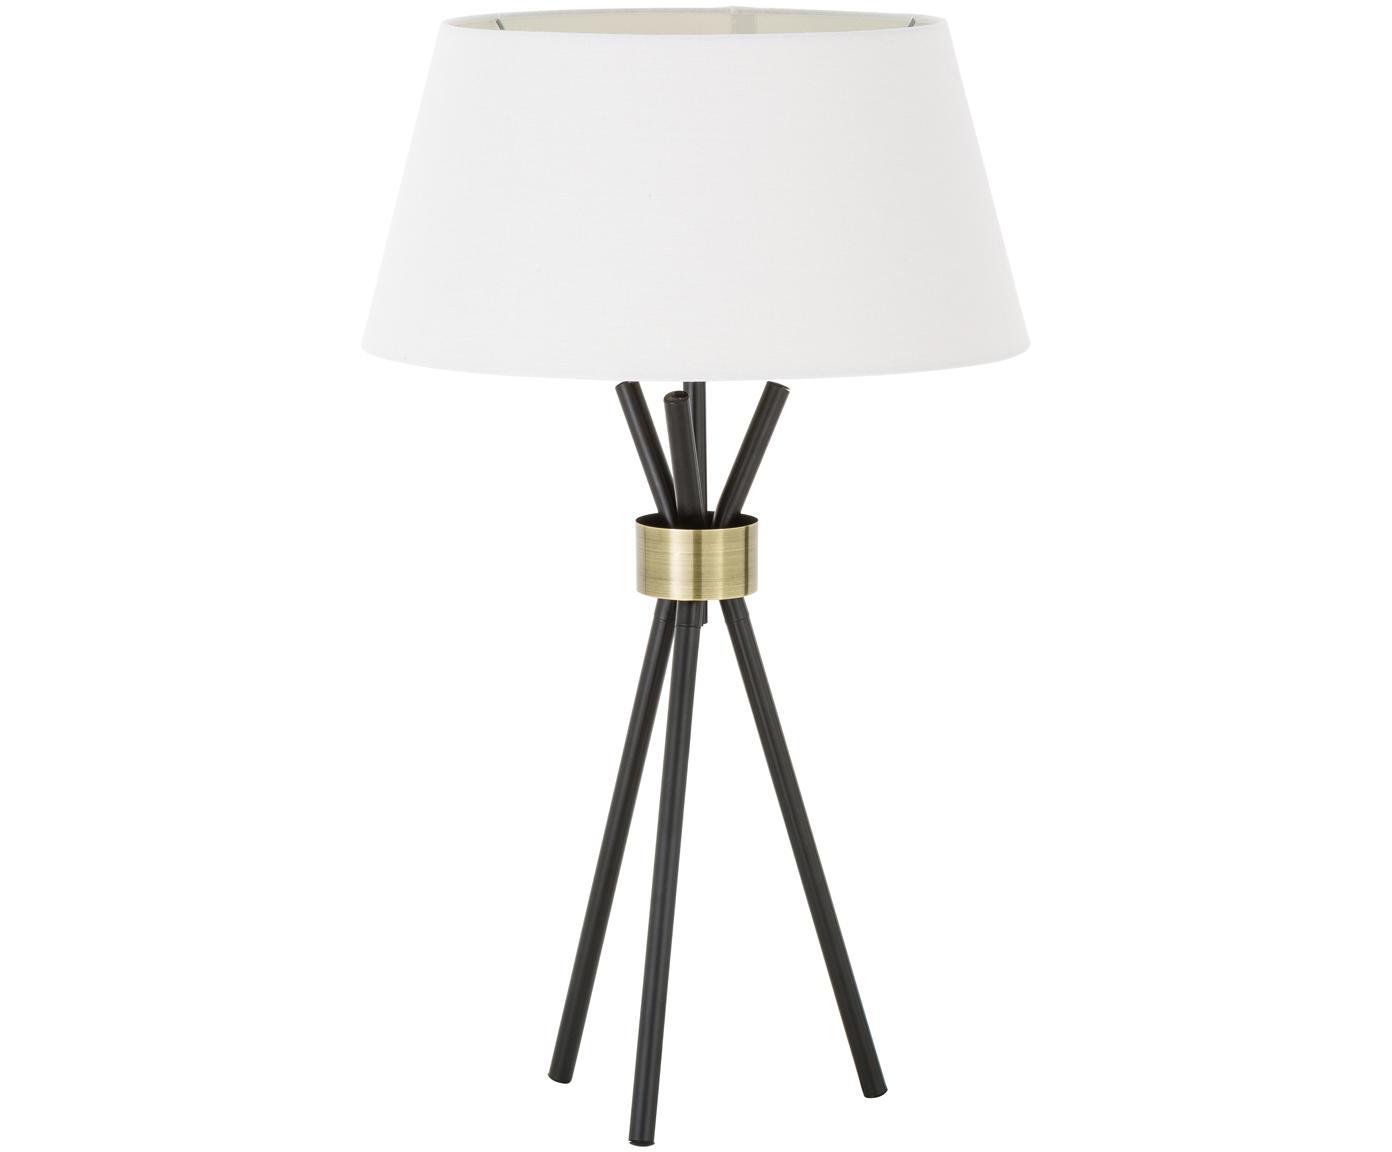 Große Tischlampe Tribeca, Lampenschirm: Leinen, Lampenfuß: Metall, lackiert, Dekor: Messing, Weiß, Schwarz, Ø 40 x H 67 cm